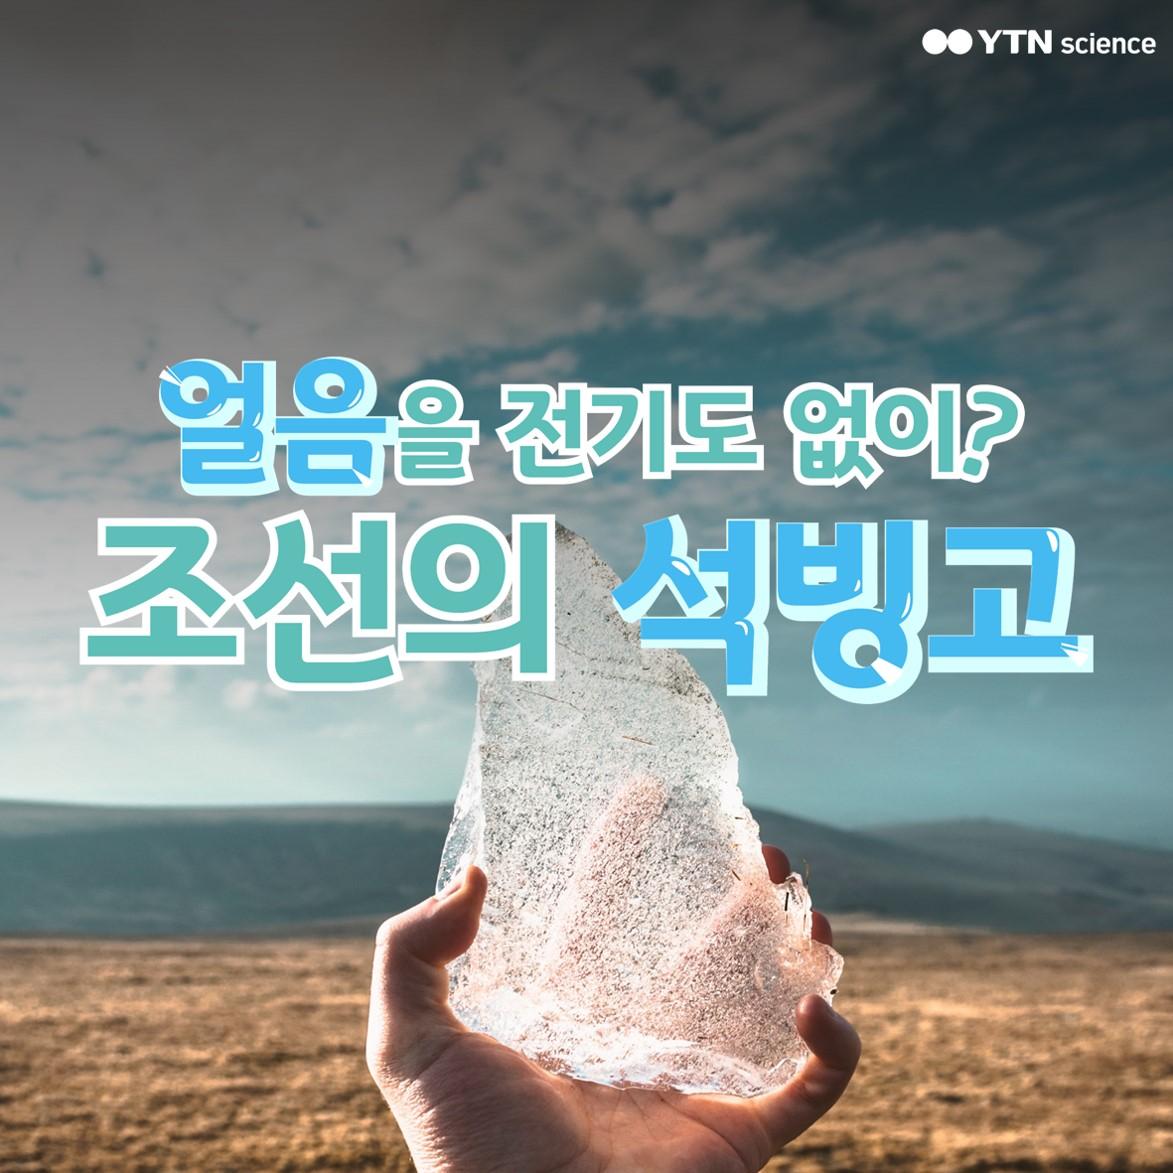 얼음을 전기도 없이? 조선의 석빙고 이미지